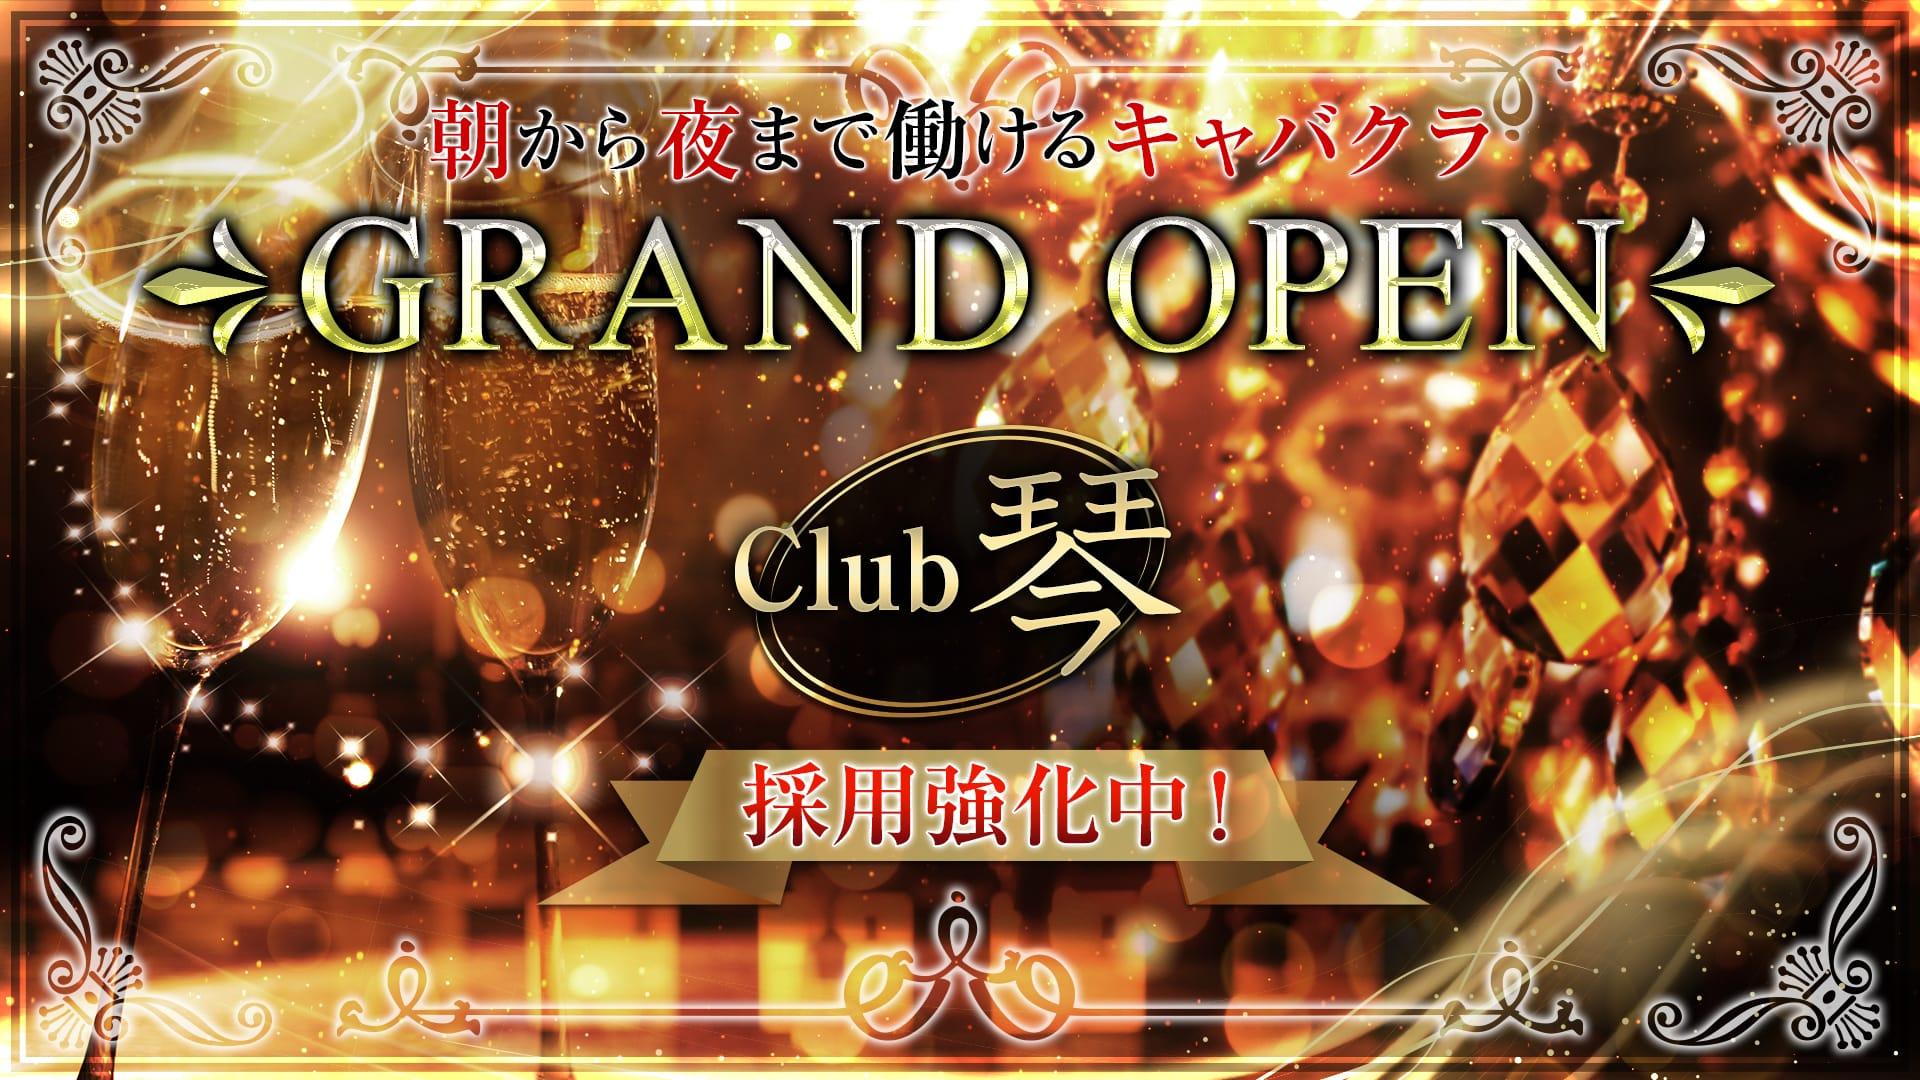 【朝・昼・夜】Club琴(KOTO) 錦糸町昼キャバ・朝キャバ TOP画像